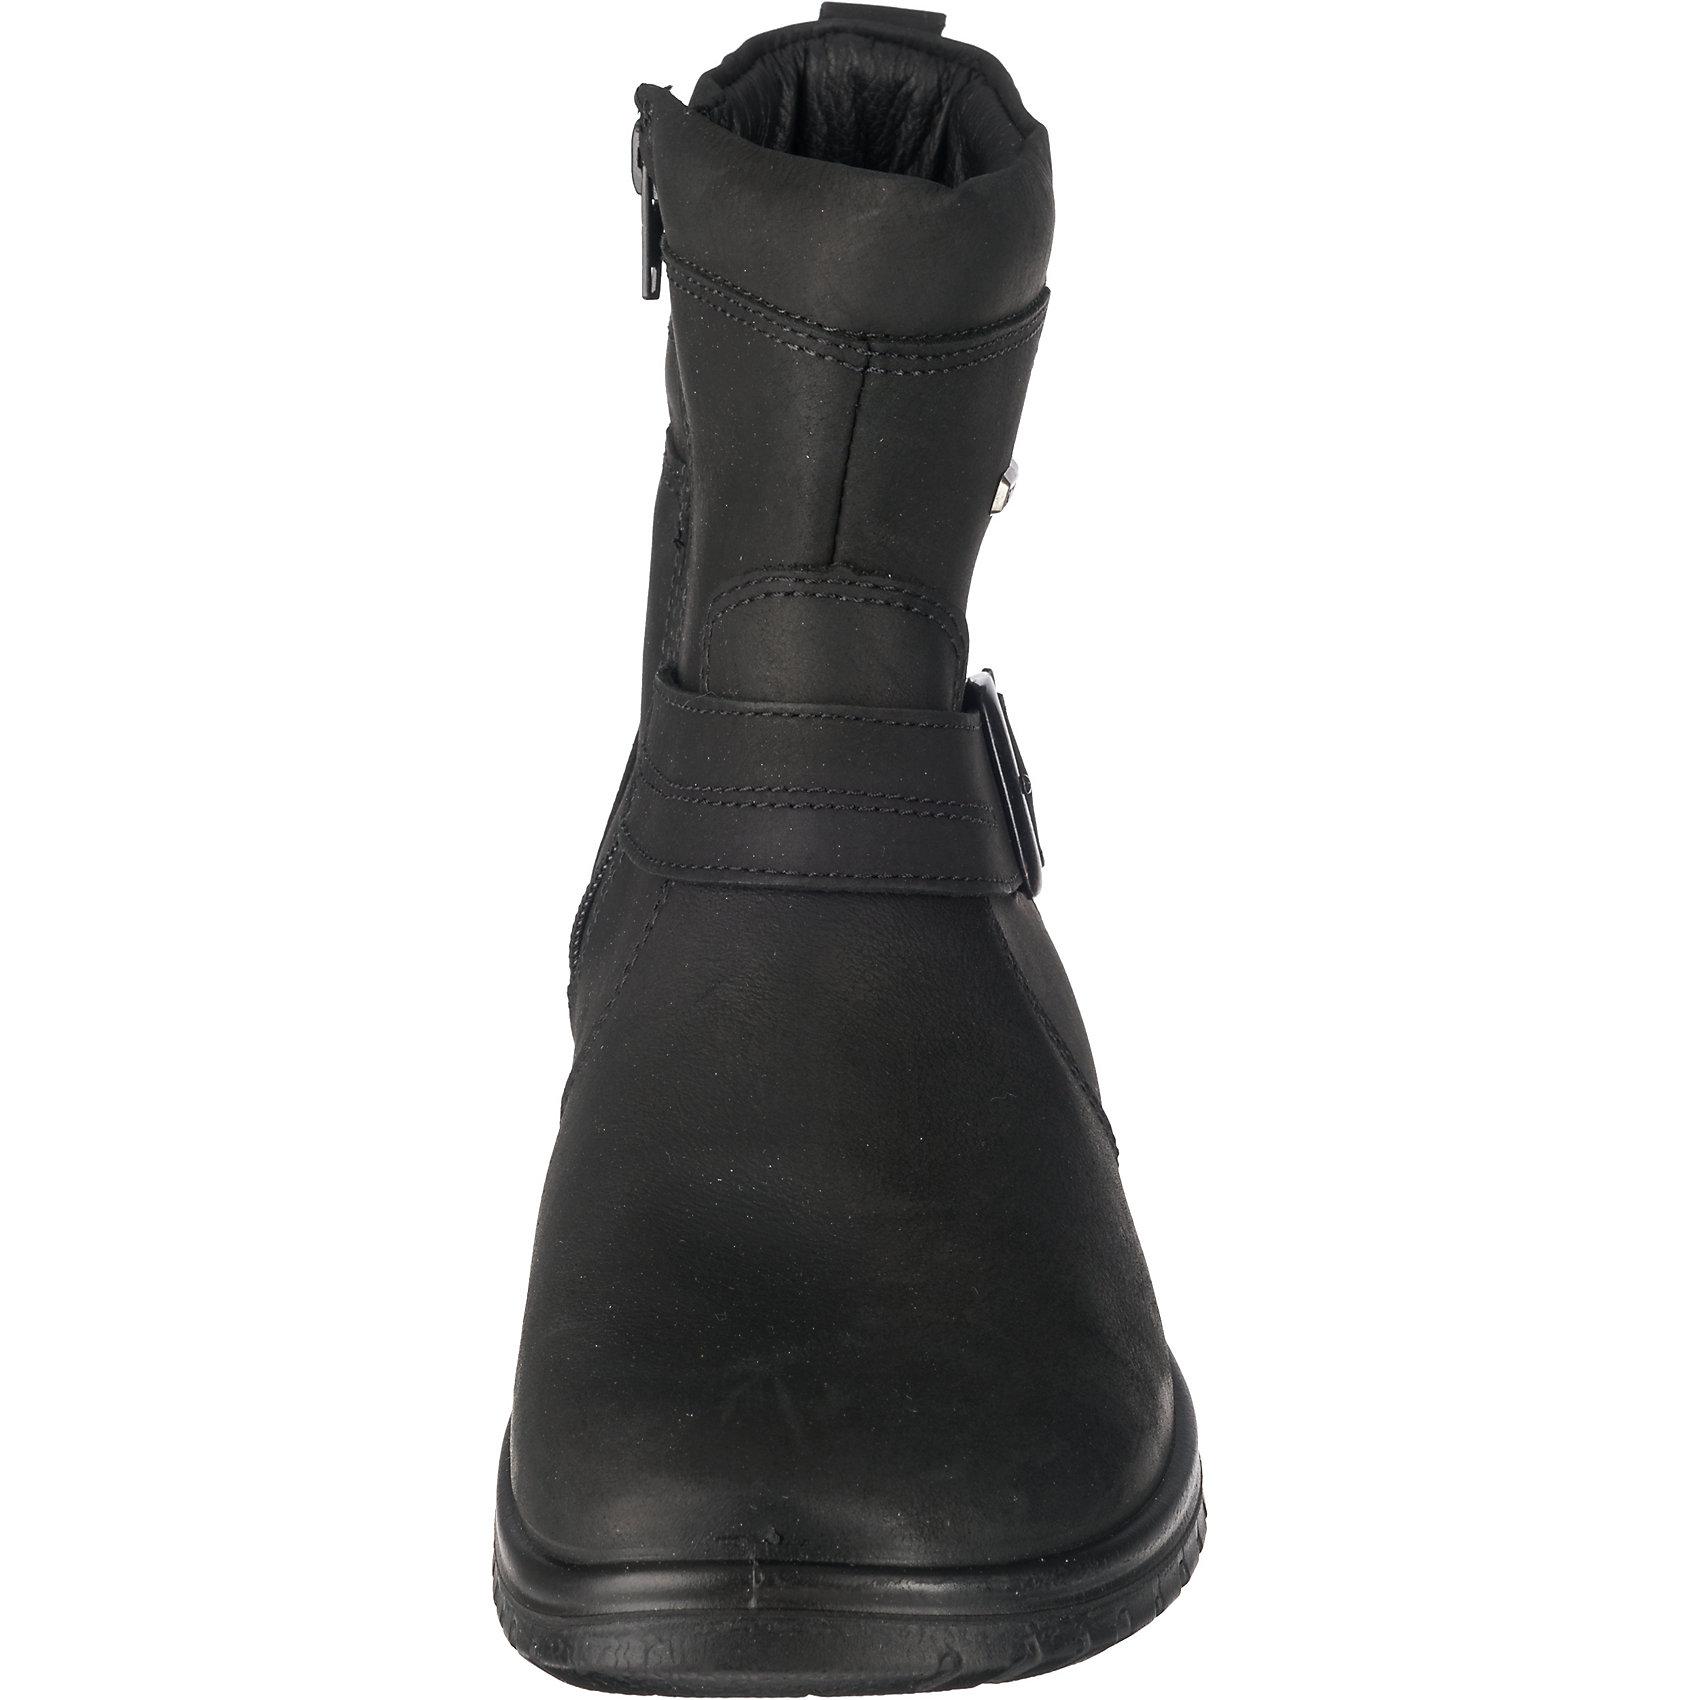 Neu JOMOS Winterstiefel 6688603 für Damen schwarz schwarz Damen e2d4d9